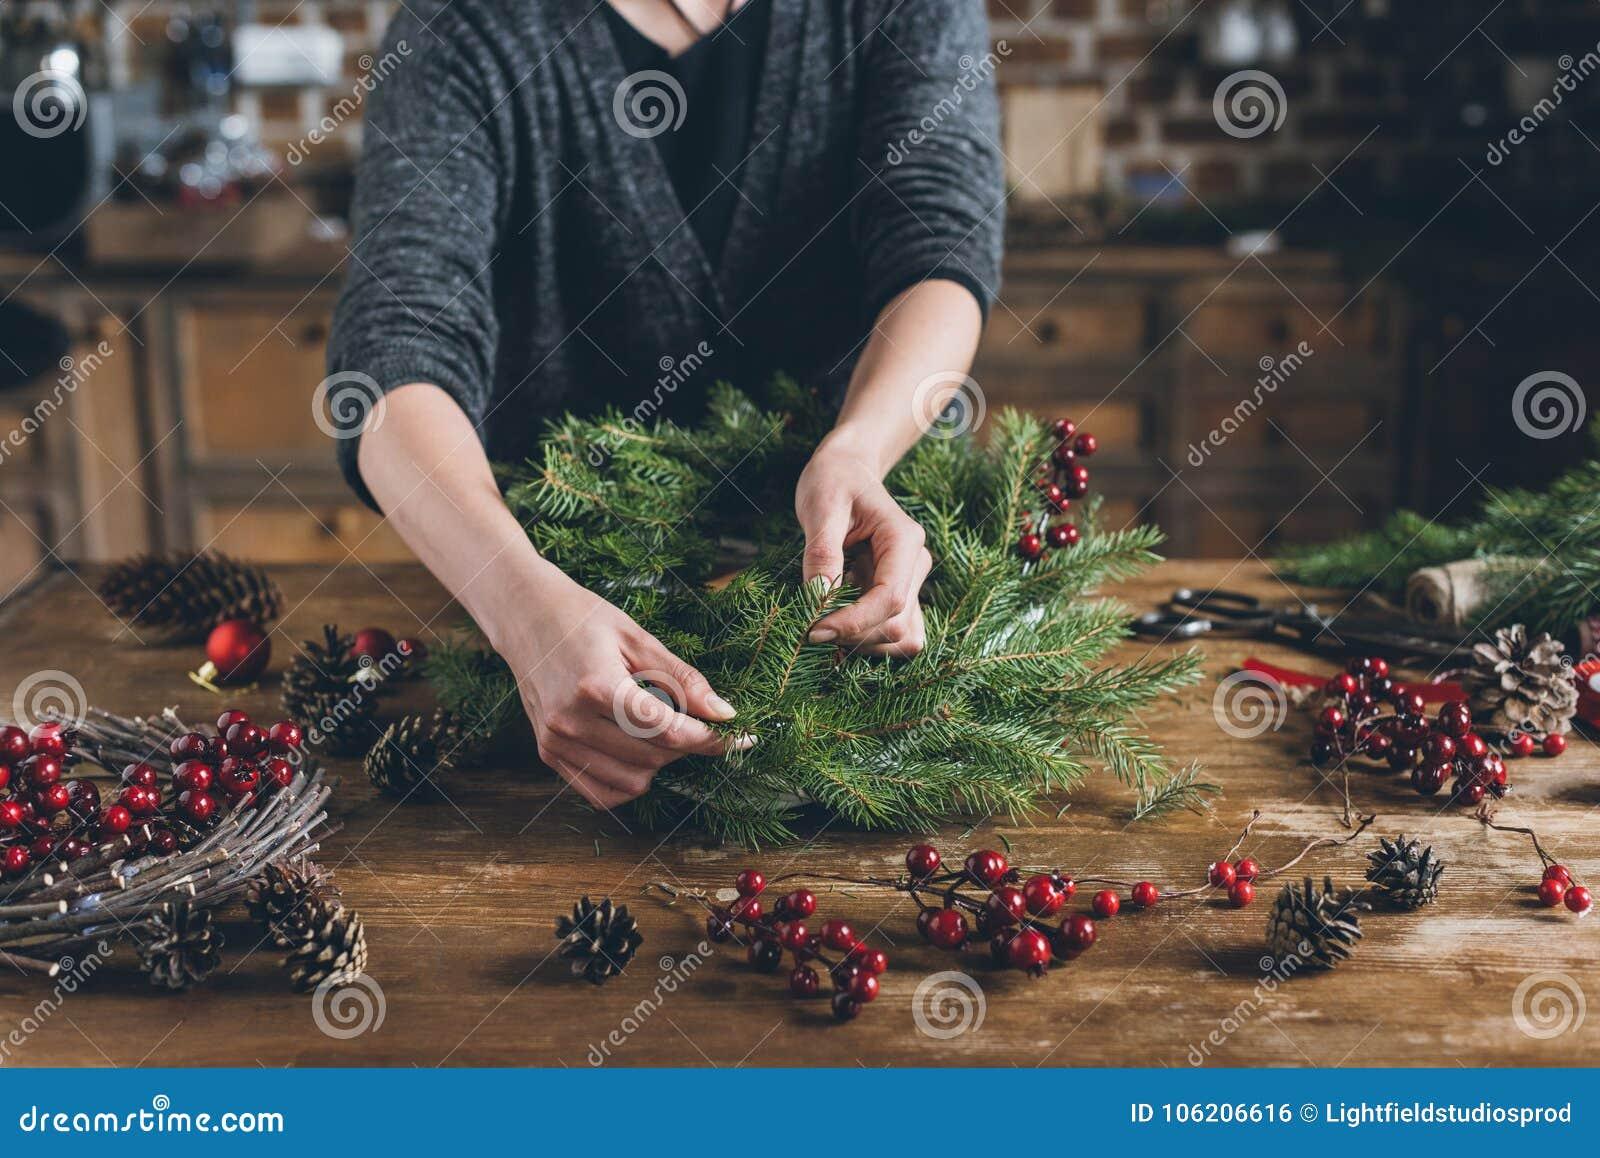 Dekorateur, der Weihnachtskranz macht